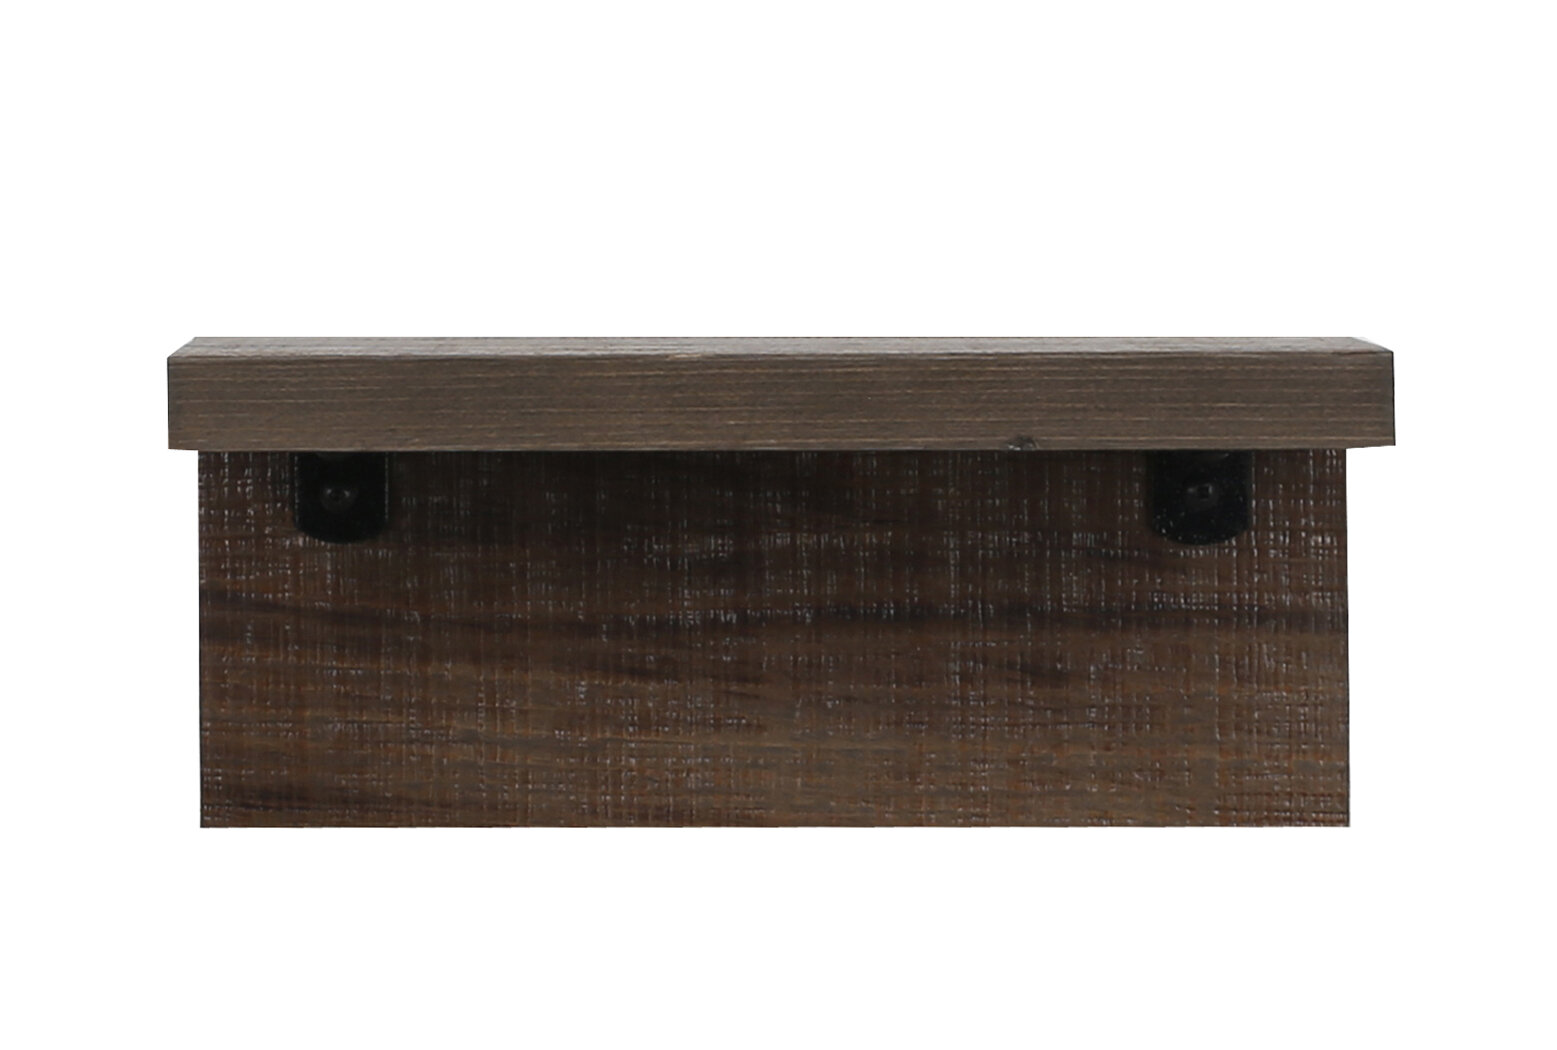 hobbitholeco 6 x 12 wood shelf nrtc1418